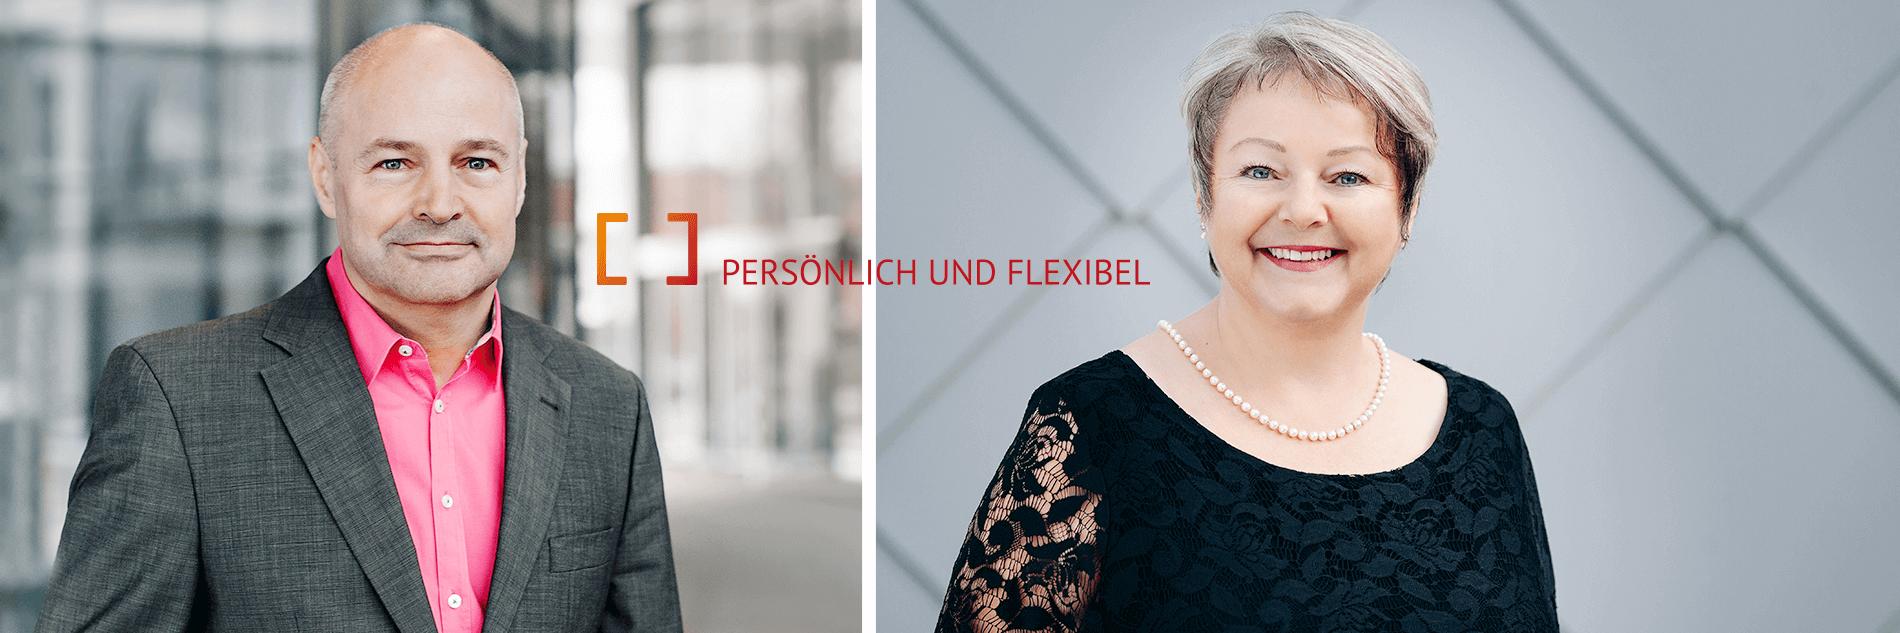 Freiraum Veranstaltungsraum München: Ihre Ansprechpartner